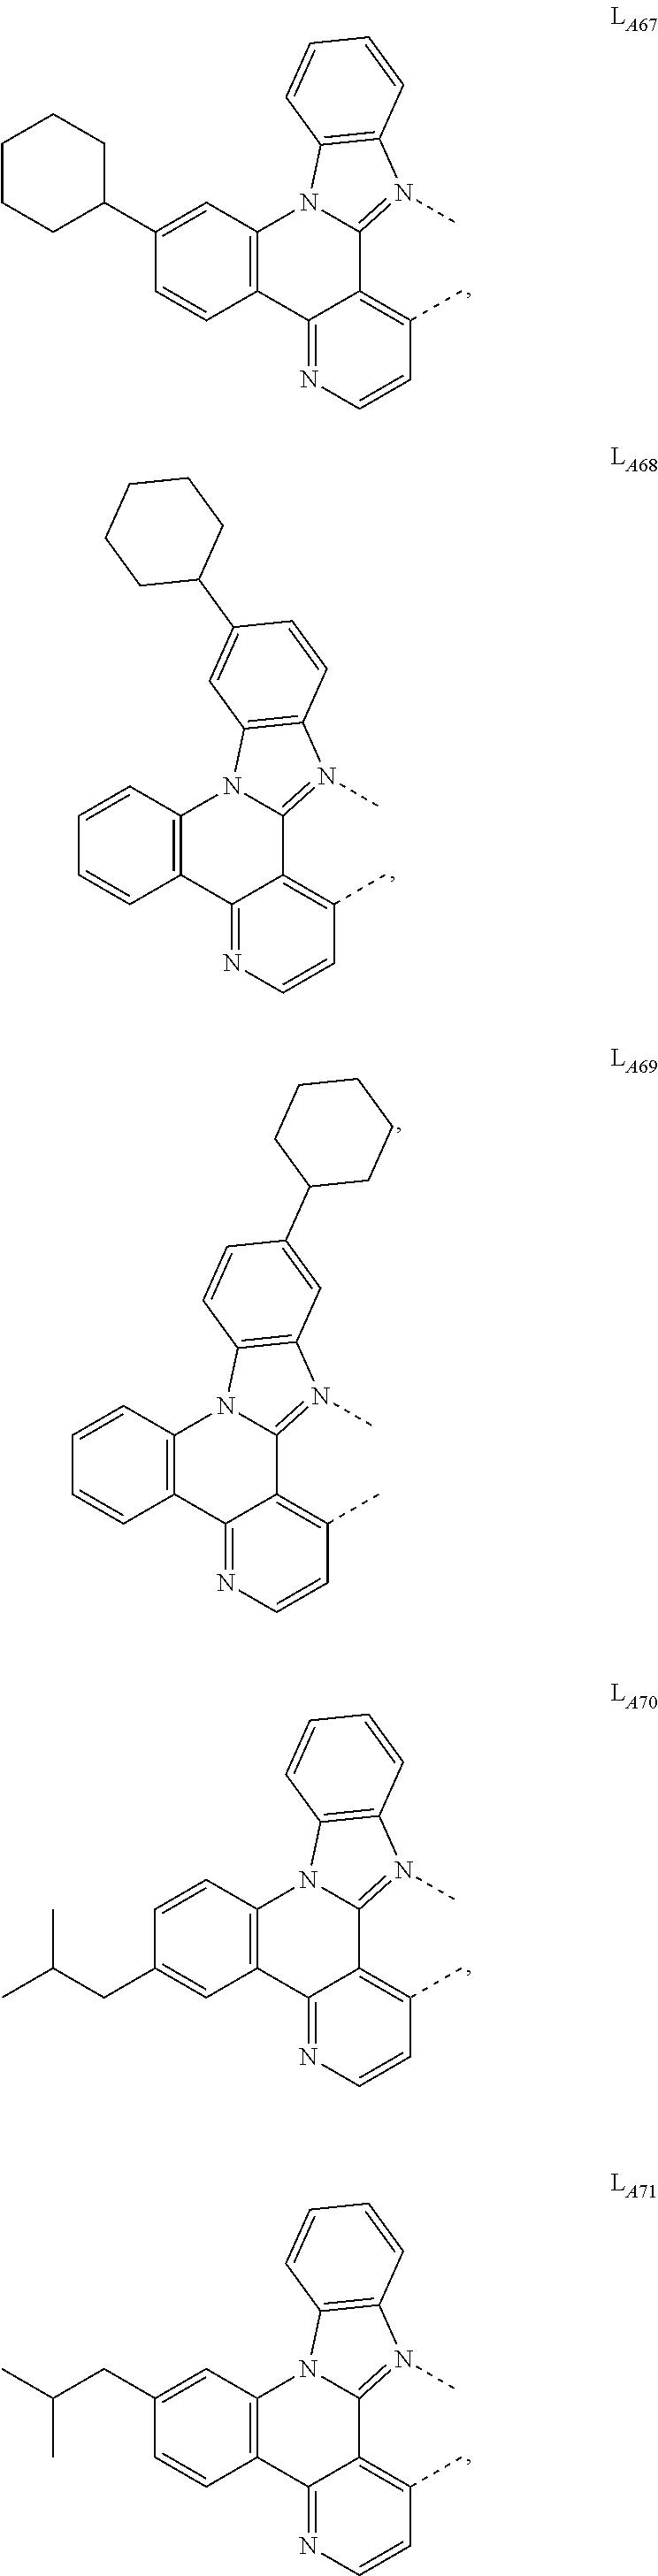 Figure US09905785-20180227-C00040